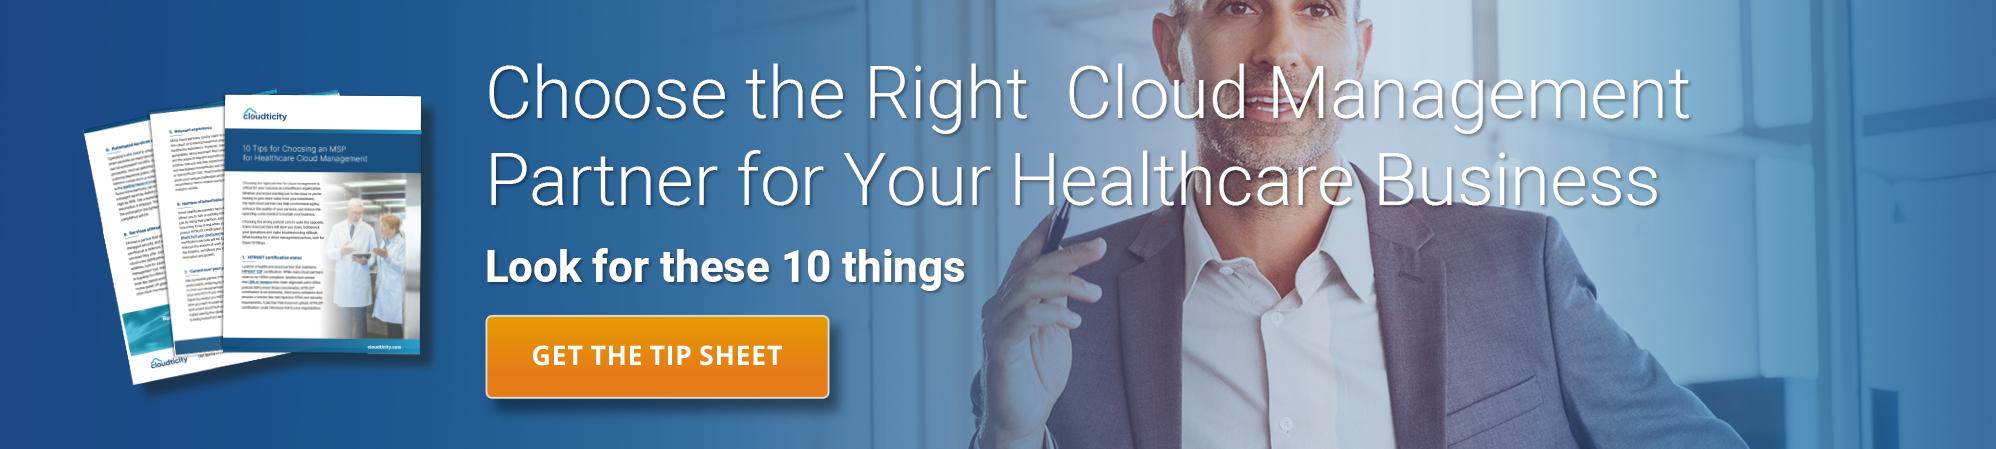 10-tips-cloud-management-it-services-healthcare-blog